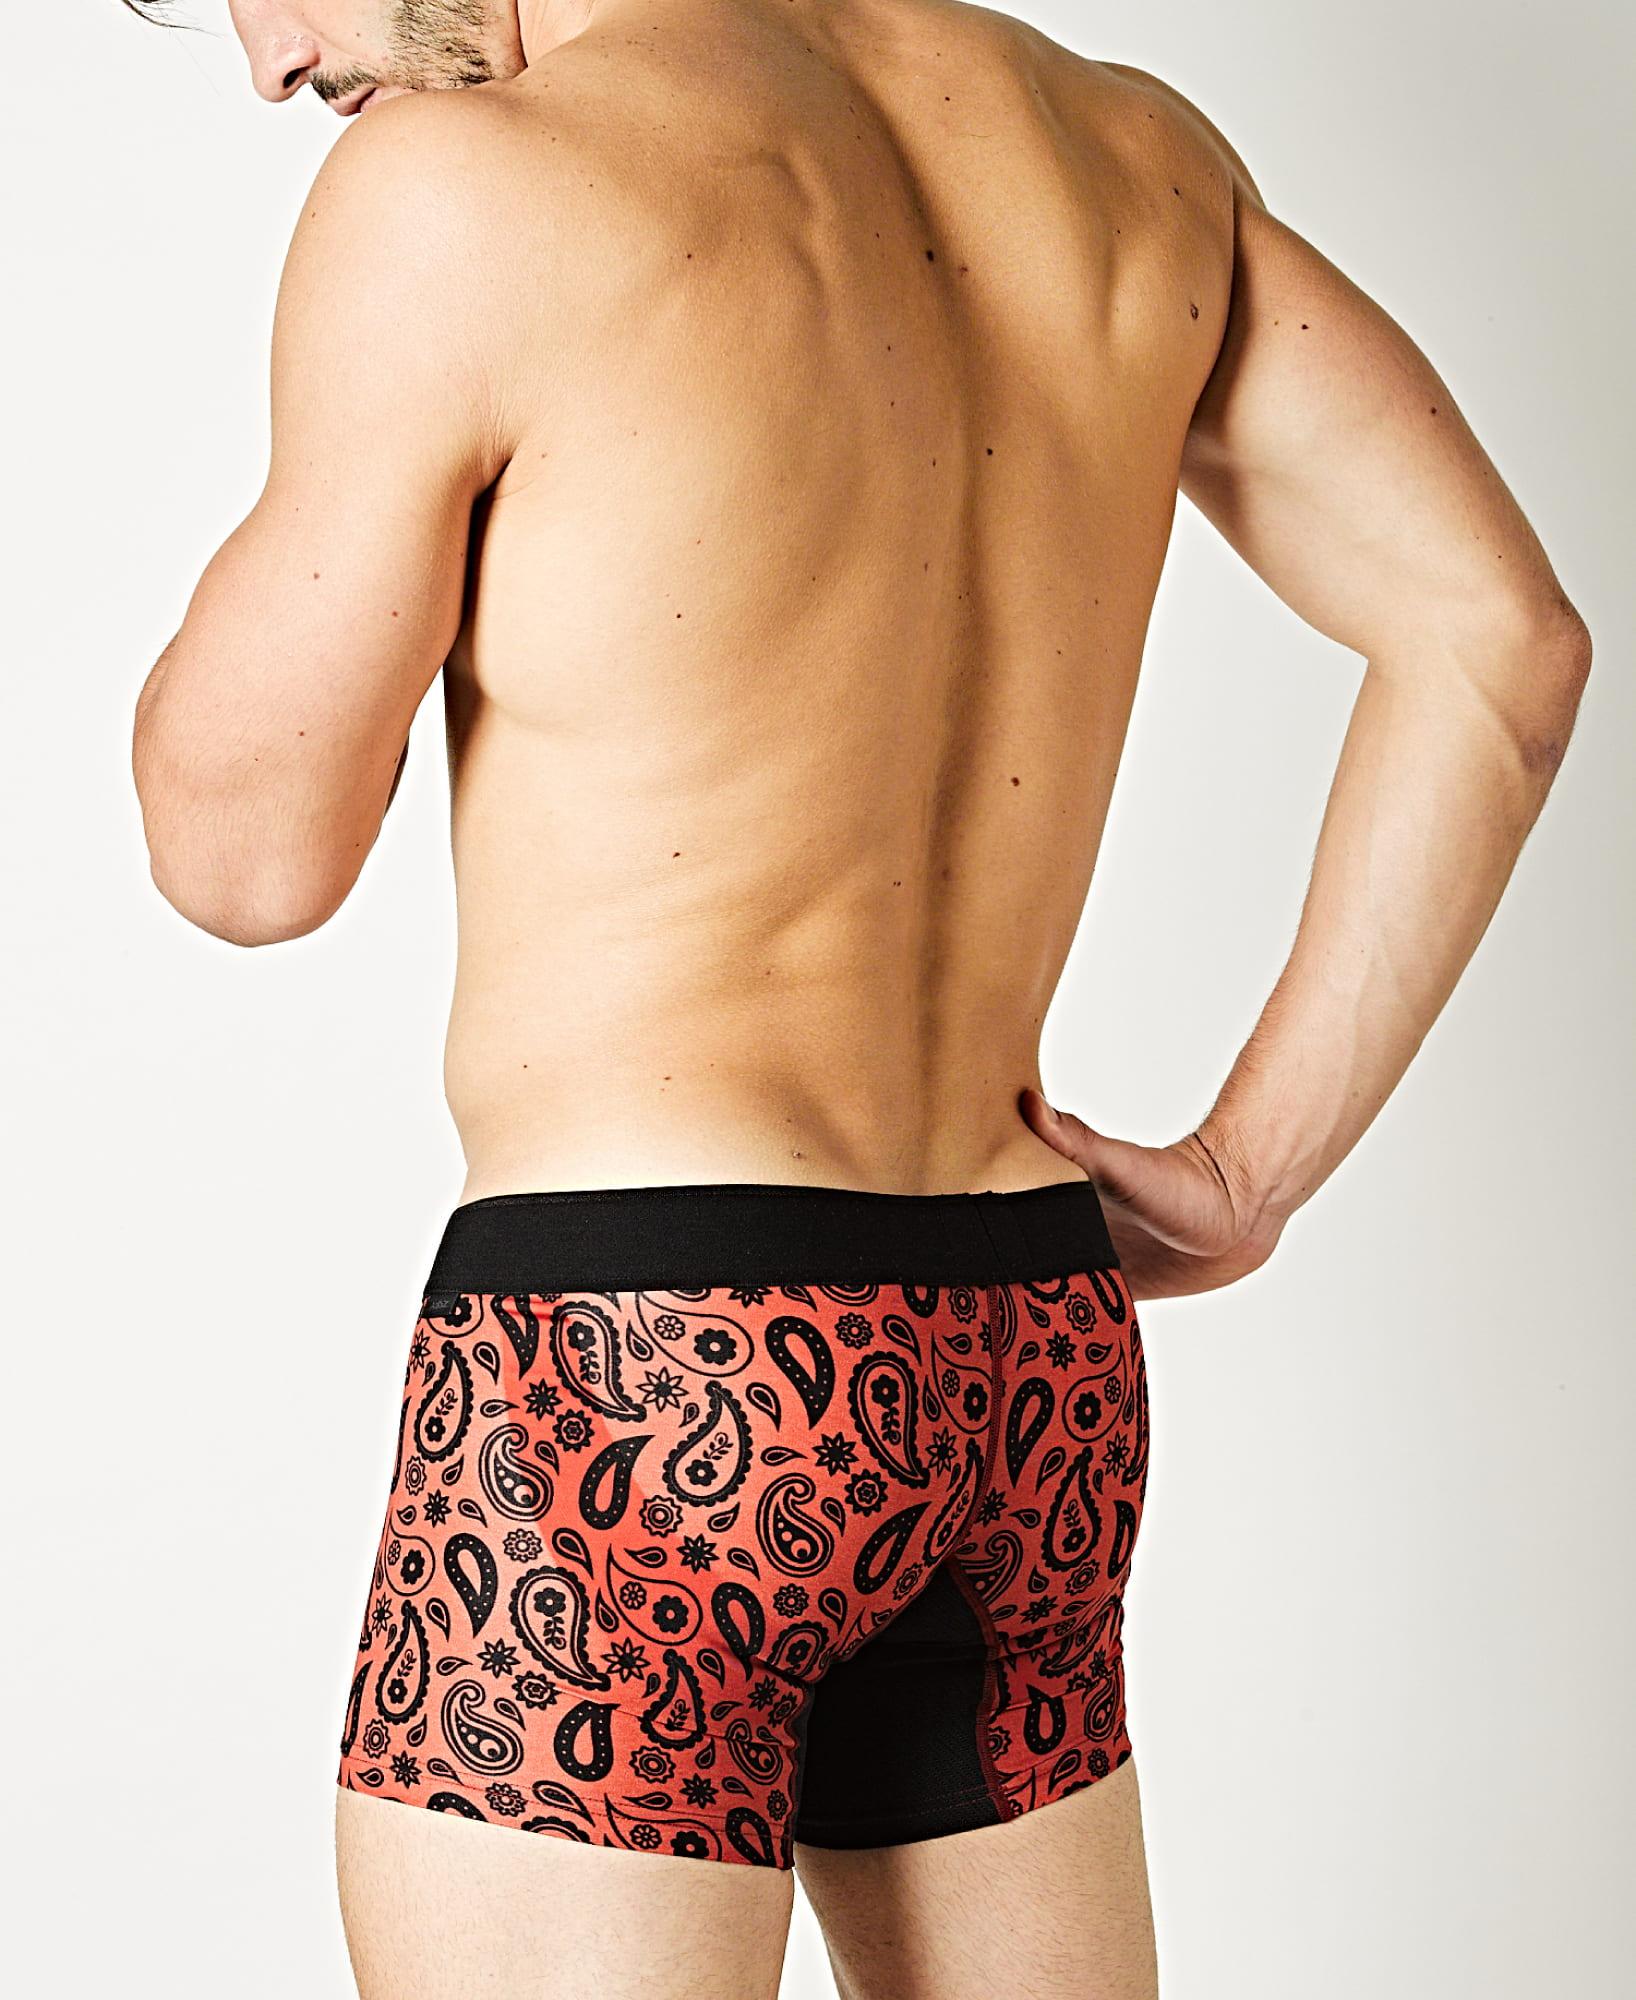 アンダーウェア 男性下着 | スタイリング メンズボクサーパンツ PAISLEY RED | モデル着用 ブランド詳細画像3